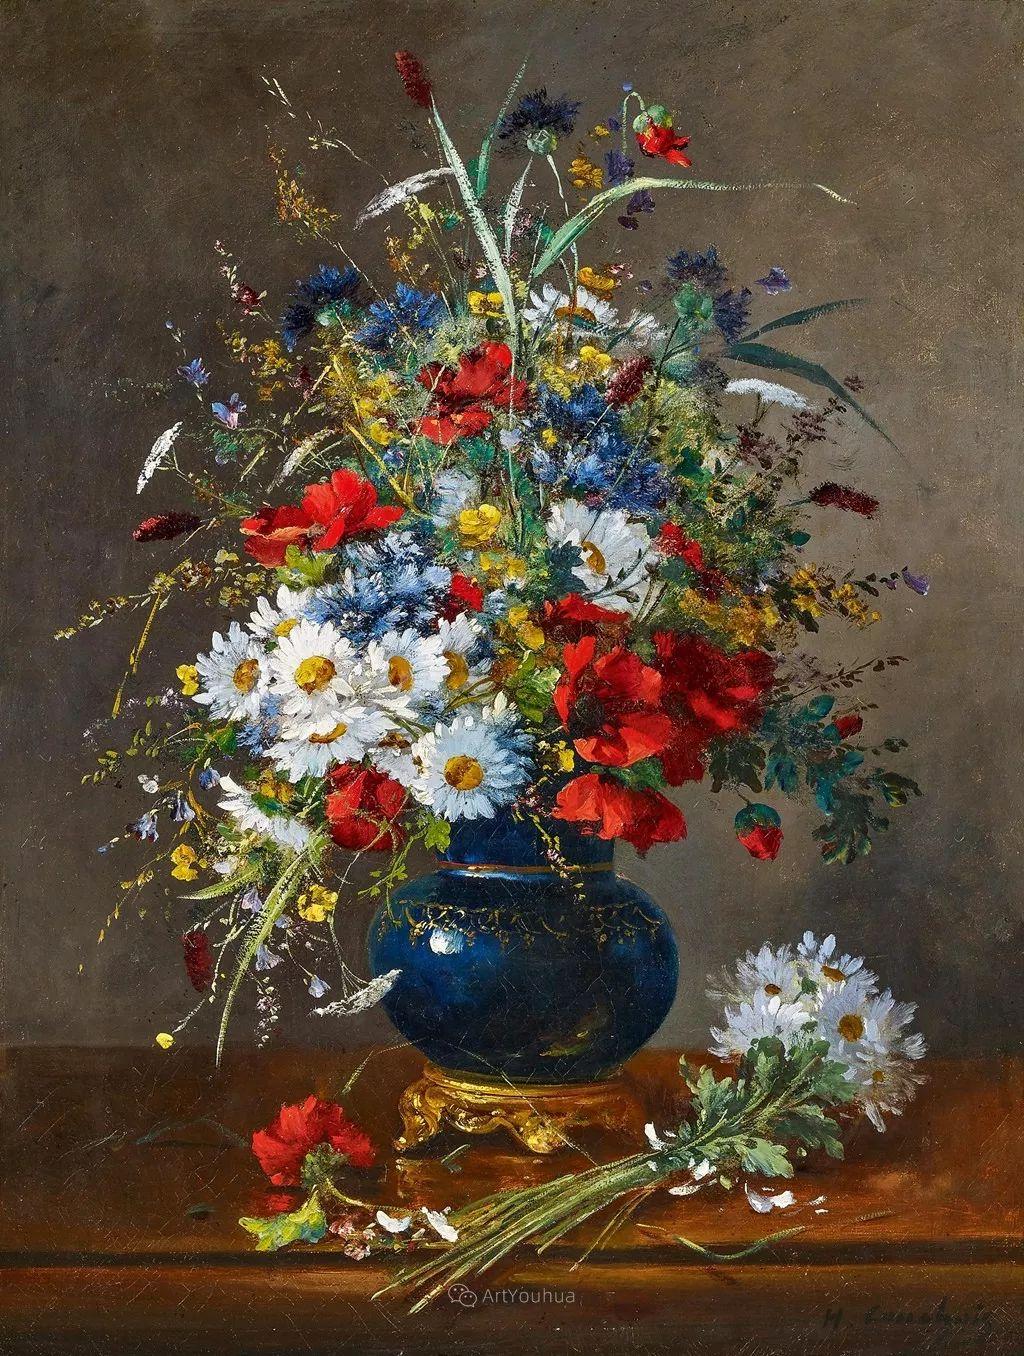 花卉的绽放之美,法国艺术家Eugene Henri Cauchois插图3